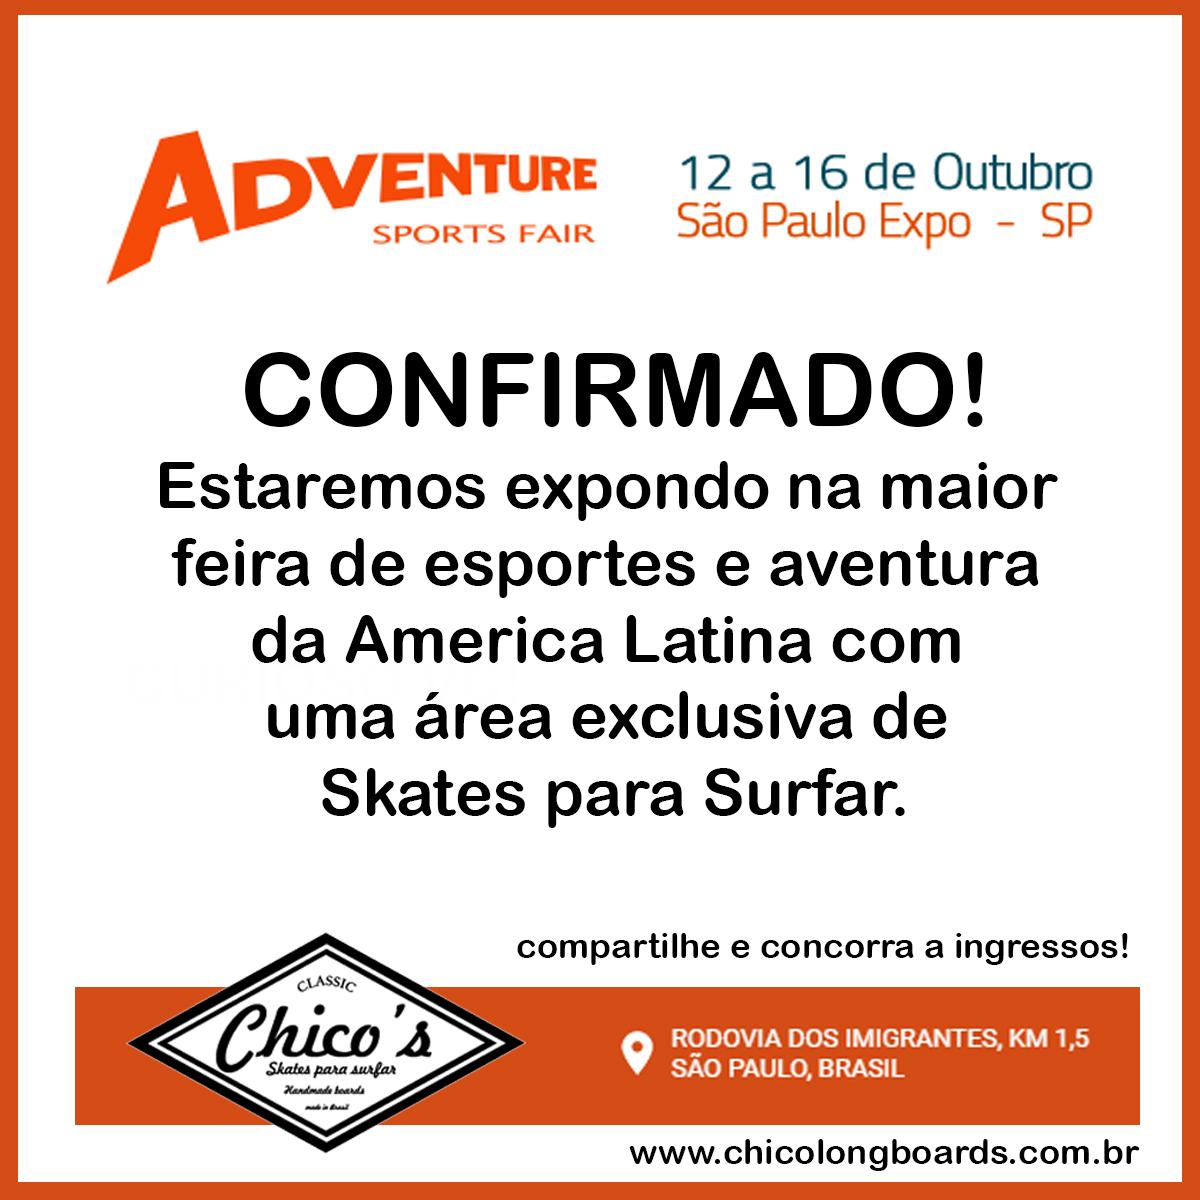 adventure-sports-fair